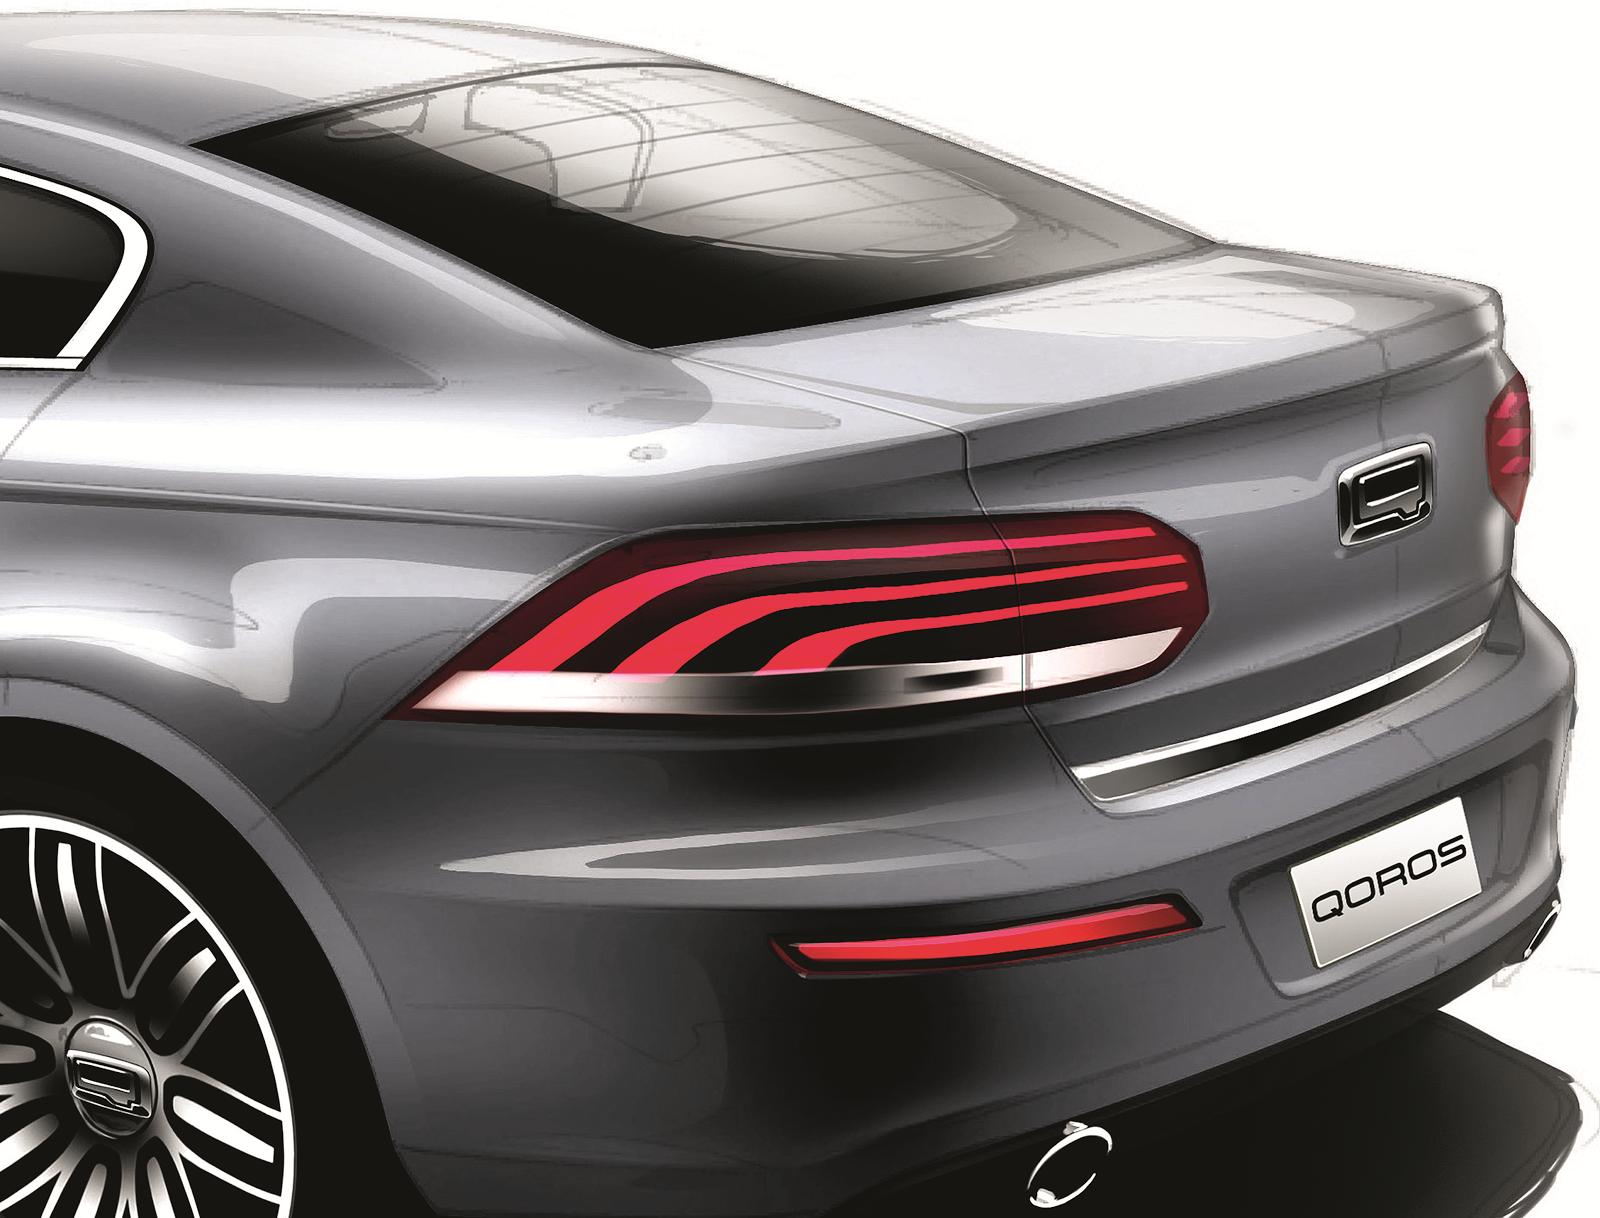 voiture du futur qoros la voiture du futur vue par les chinois. Black Bedroom Furniture Sets. Home Design Ideas